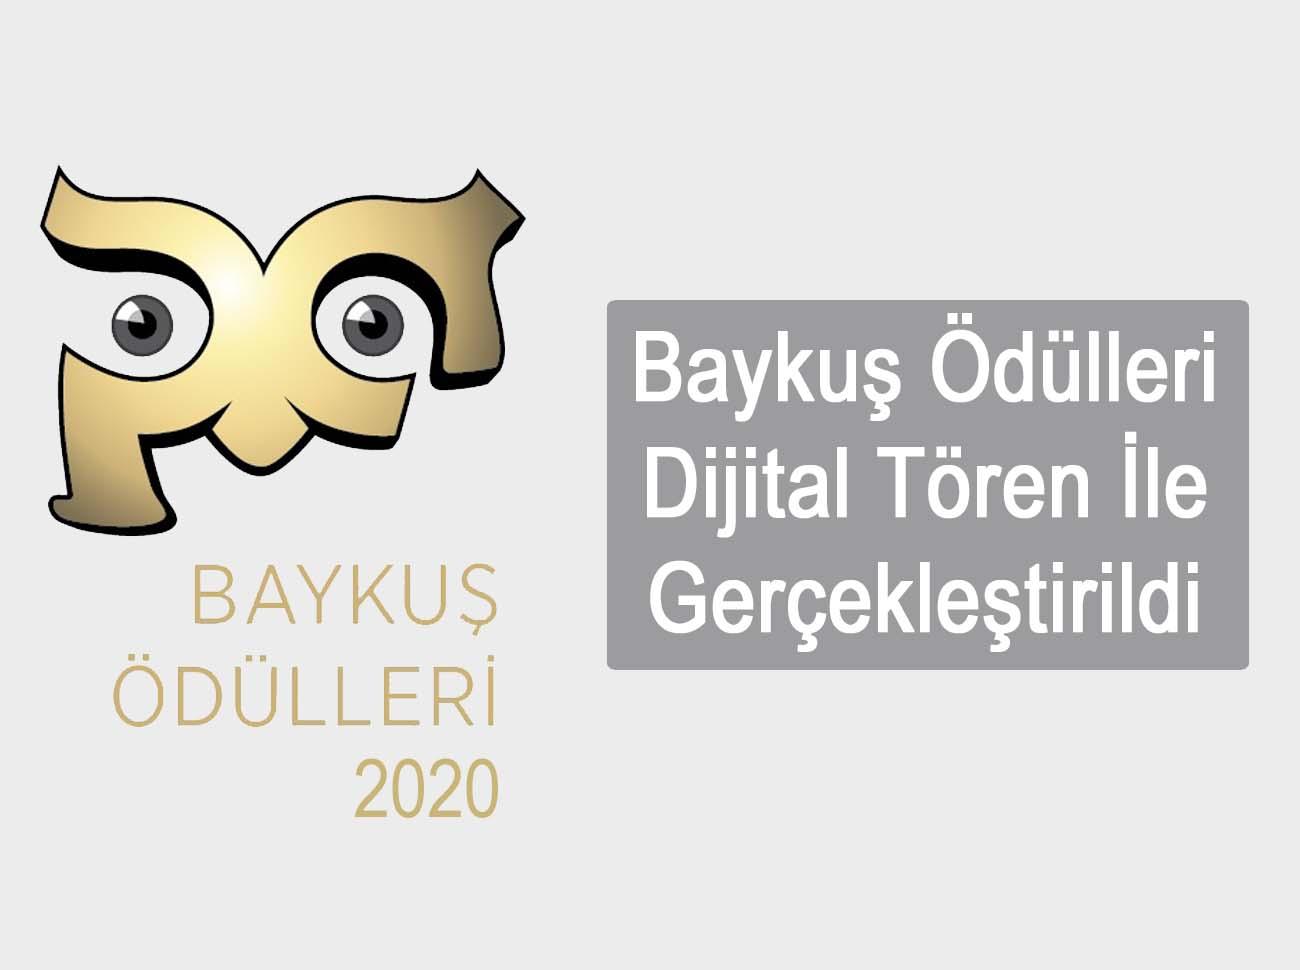 Baykuş Ödülleri (2020) Dijital Tören İle Gerçekleştirildi